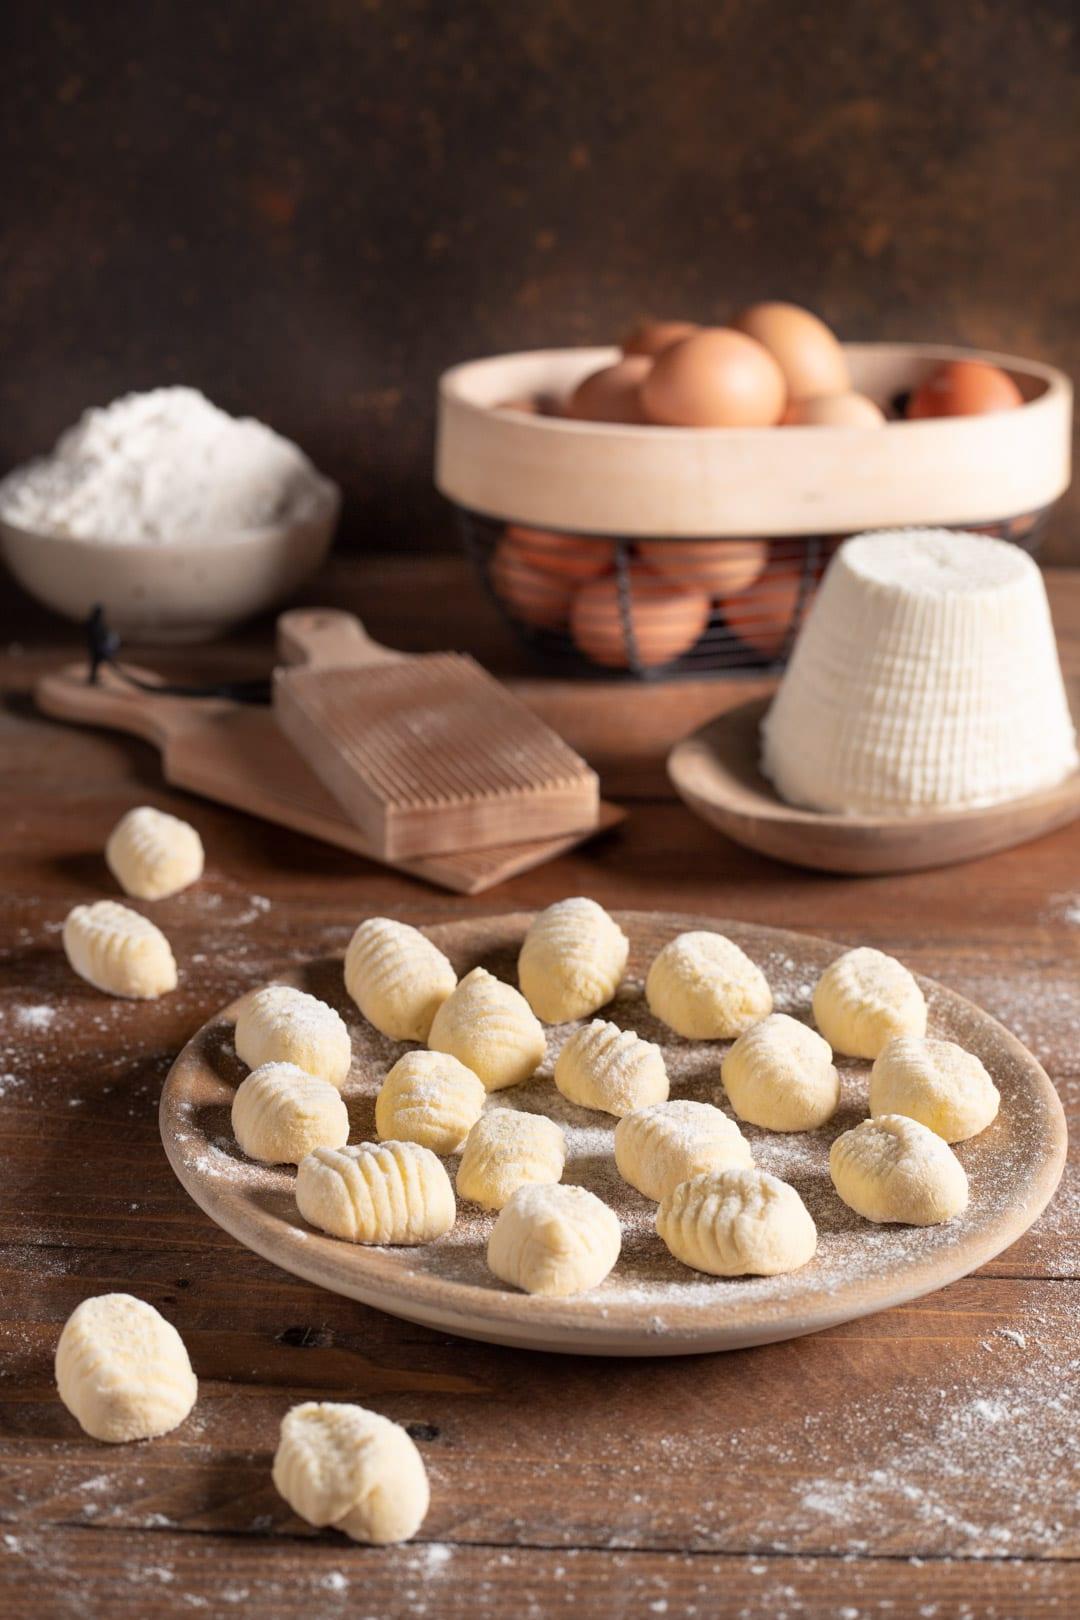 Ricette Di Gnocchi Con La Ricotta.Gnocchi Di Ricotta Ricetta Facile Con Pochi Ingredienti